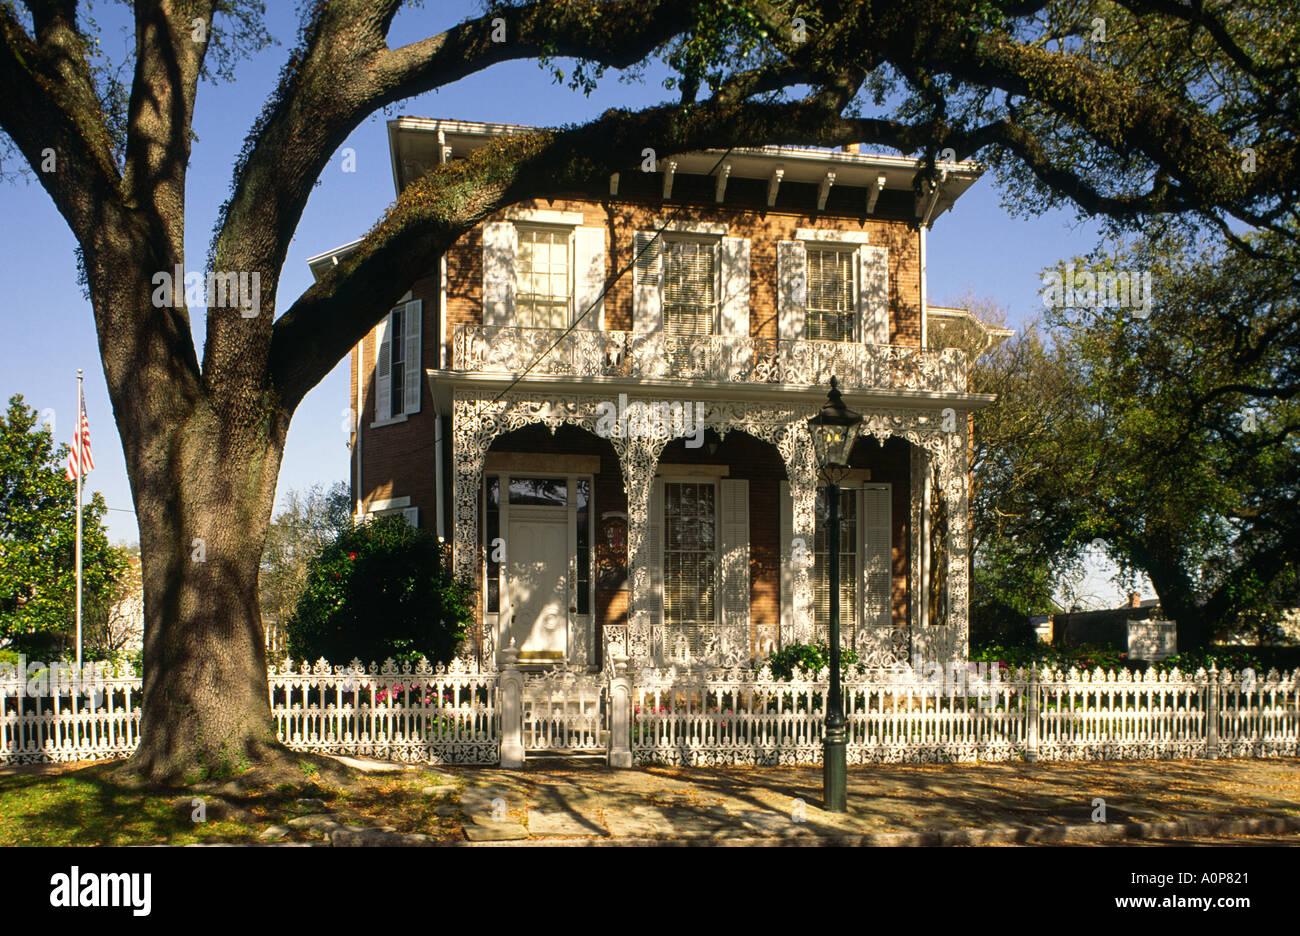 Das Richards DAR Haus um 1860 in der Stadt Mobile, Alabama, USA. Heute ein Museum, geführt von der Töchter der amerikanischen Revolution Stockbild